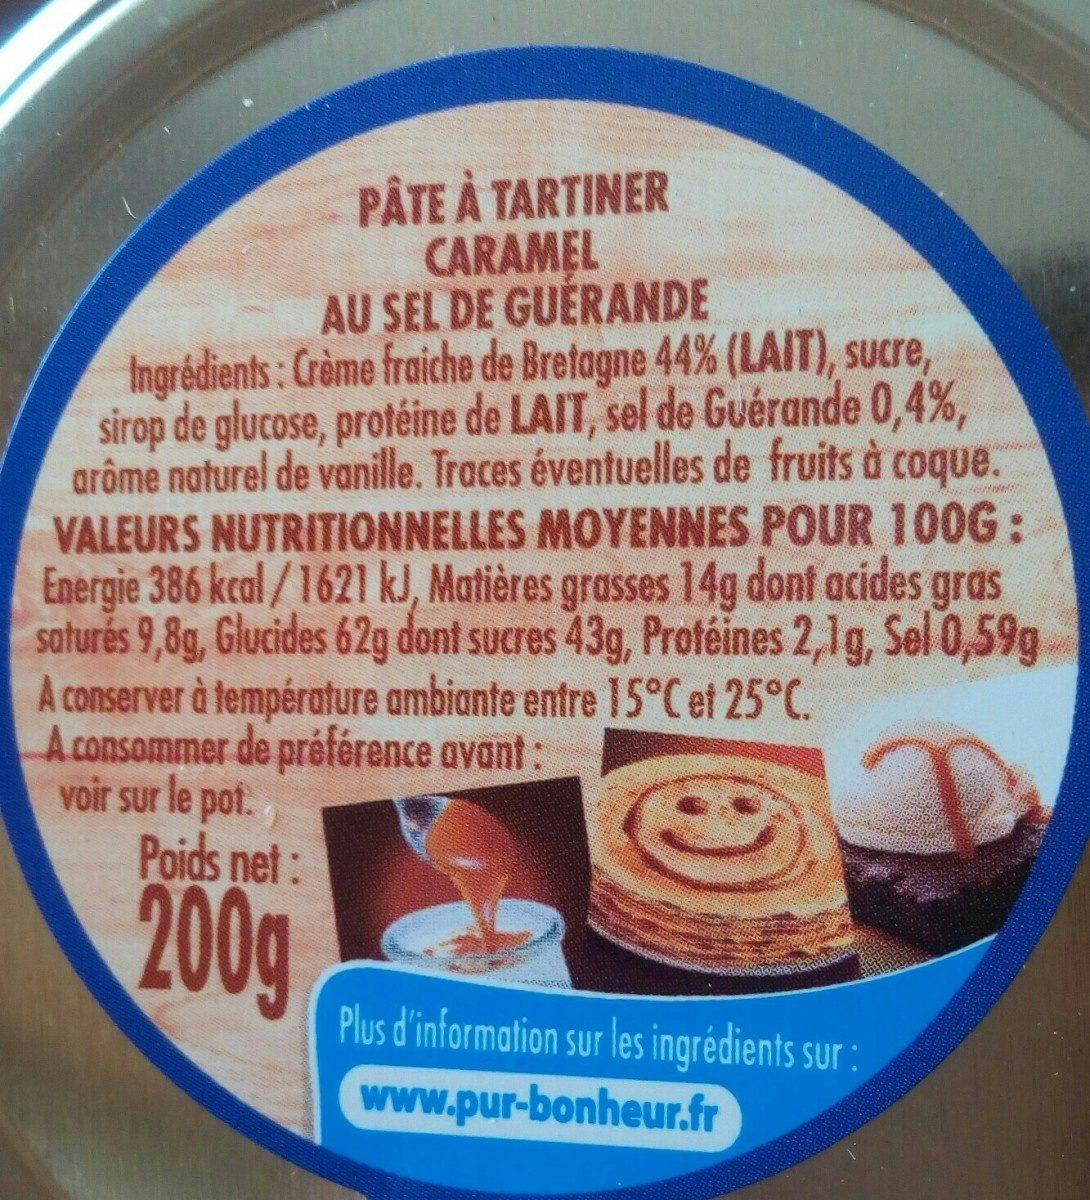 La Confiserie Familiale Caramel - Ingrédients - fr